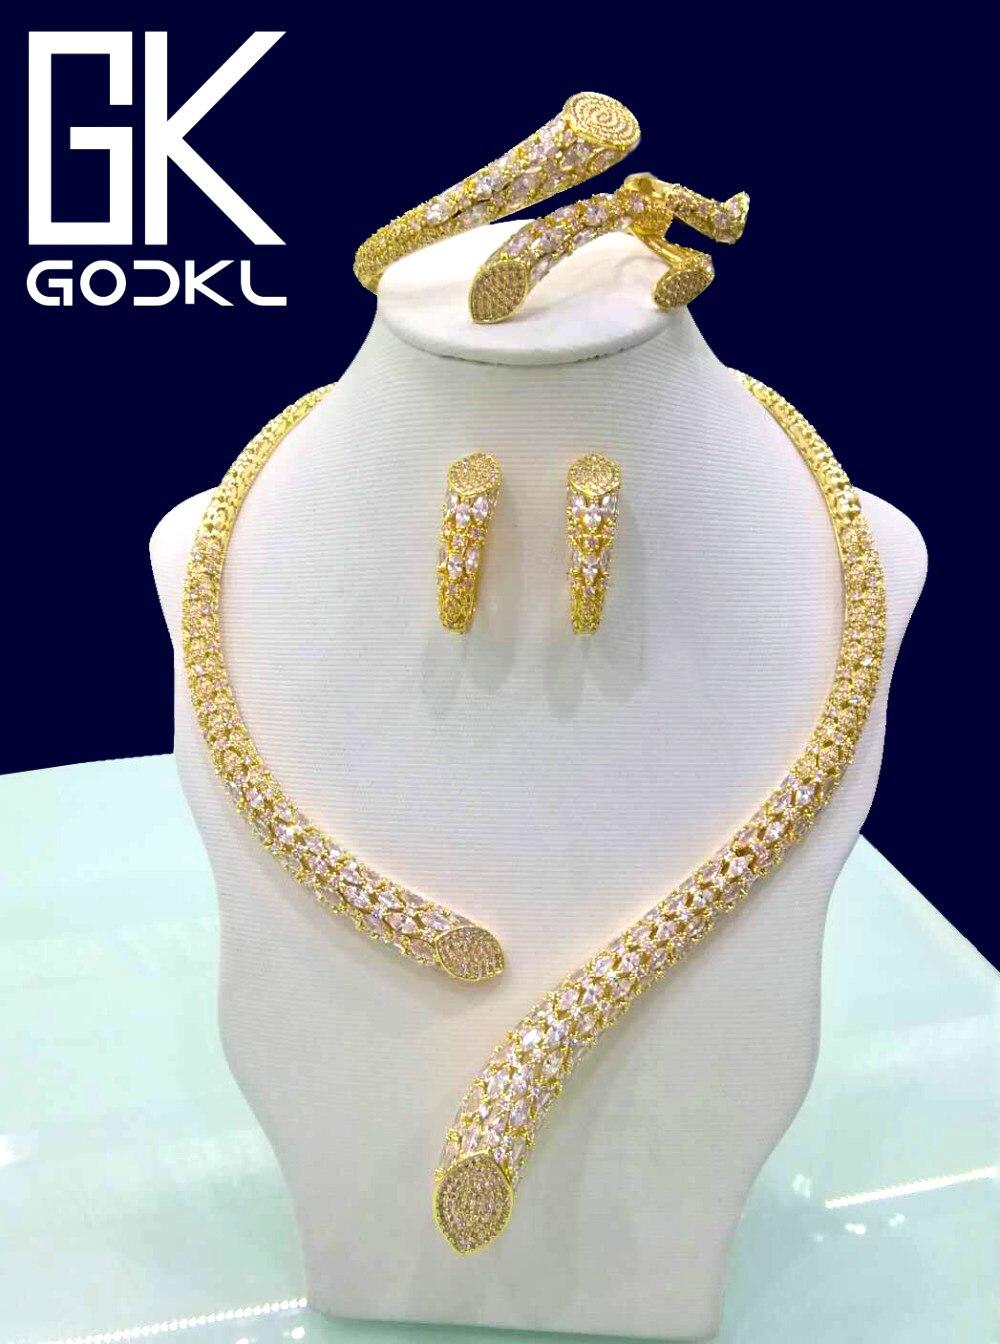 Juegos de joyería nigeriana de Zirconia cúbica de geometría de lujo de GODKI para mujer, conjuntos de joyas de oro de Dubái indio para mujer-in Conjuntos de joyería from Joyería y accesorios    1